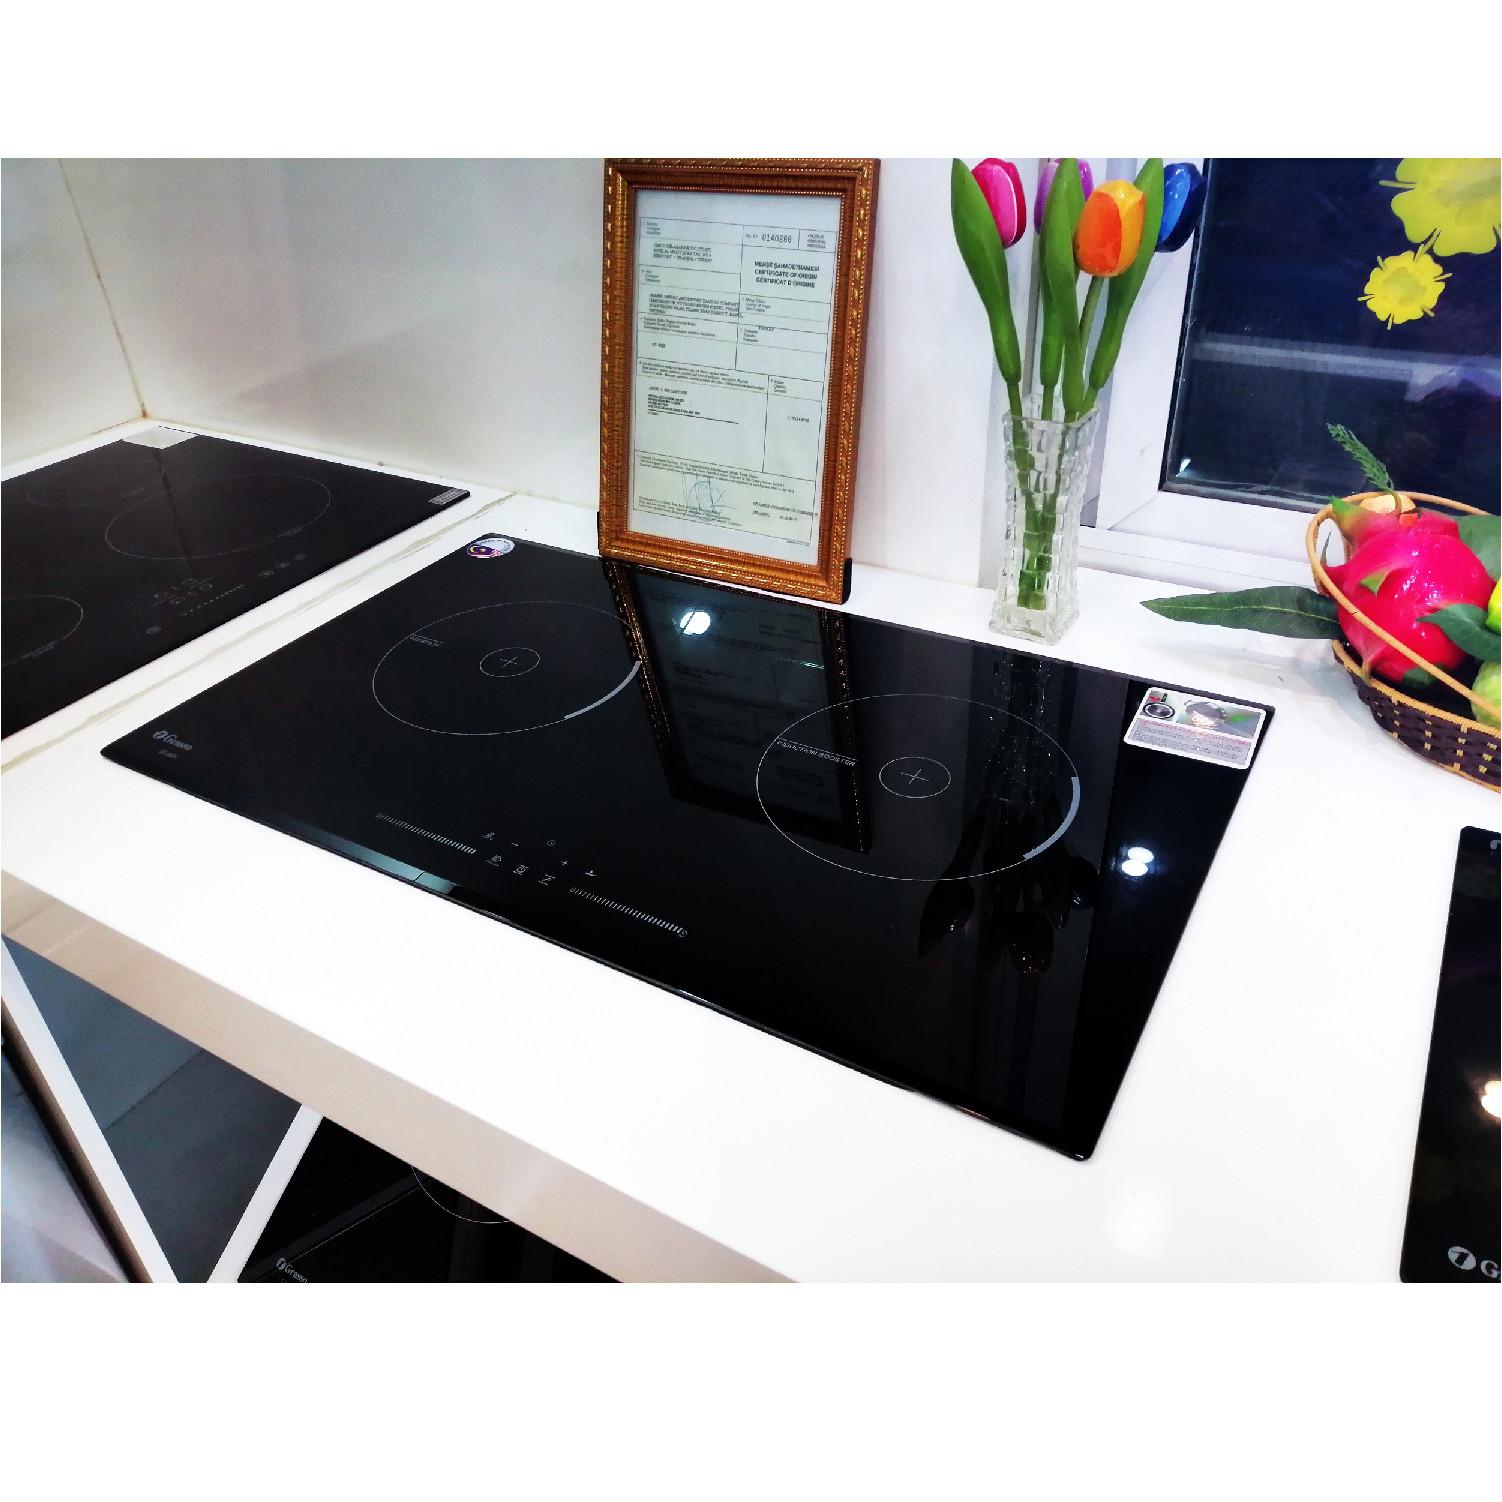 Bếp từ GS 68IH (Made in Malaysia) - Hàng Chính Hãng